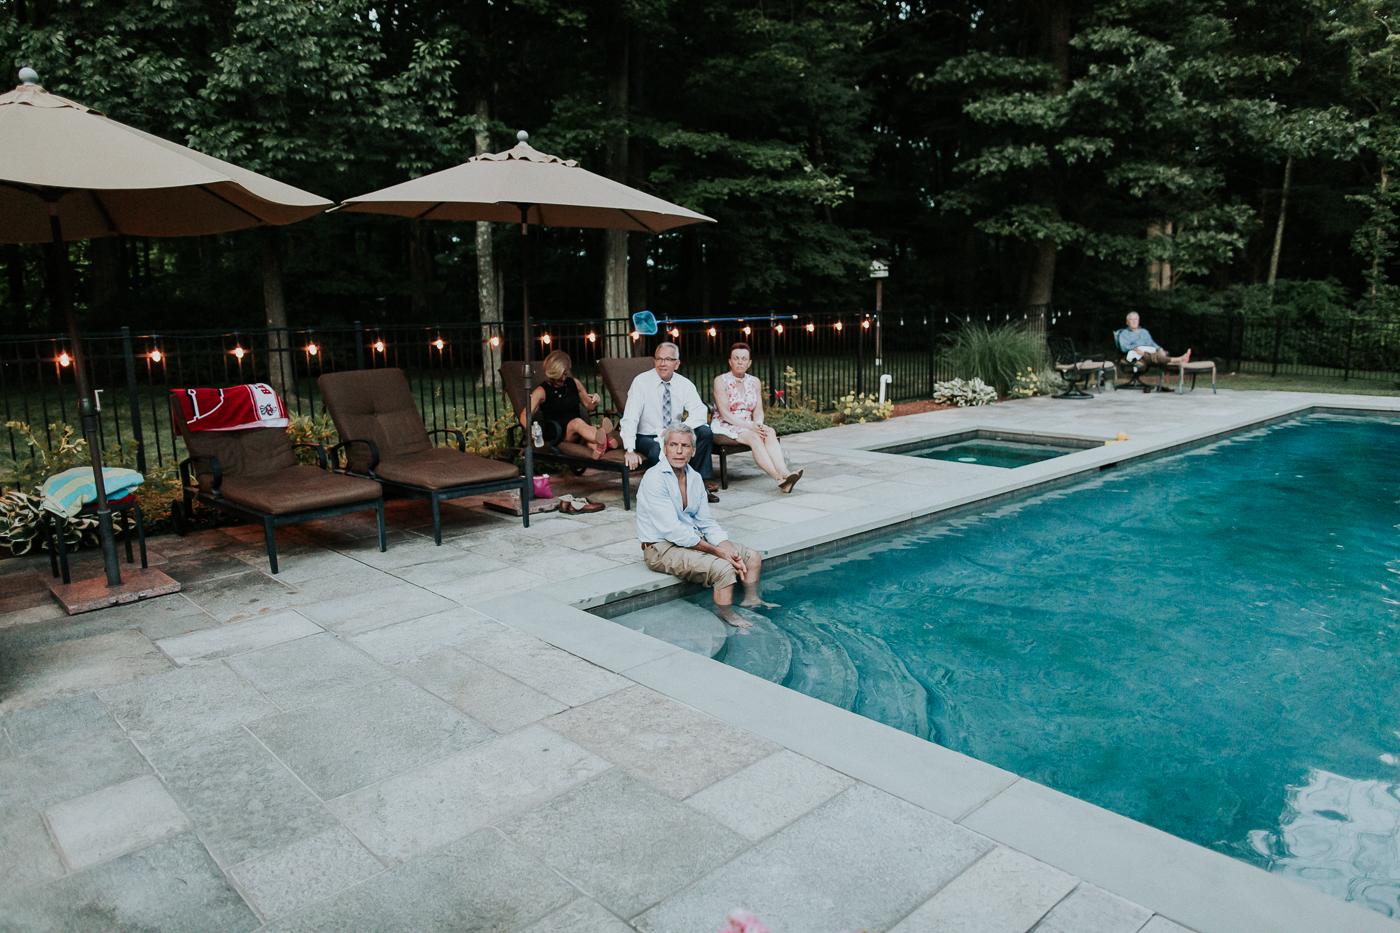 Westchester-New-York-Intimate-Backyard-Garden-Documentary-Wedding-Photographer-36.jpg